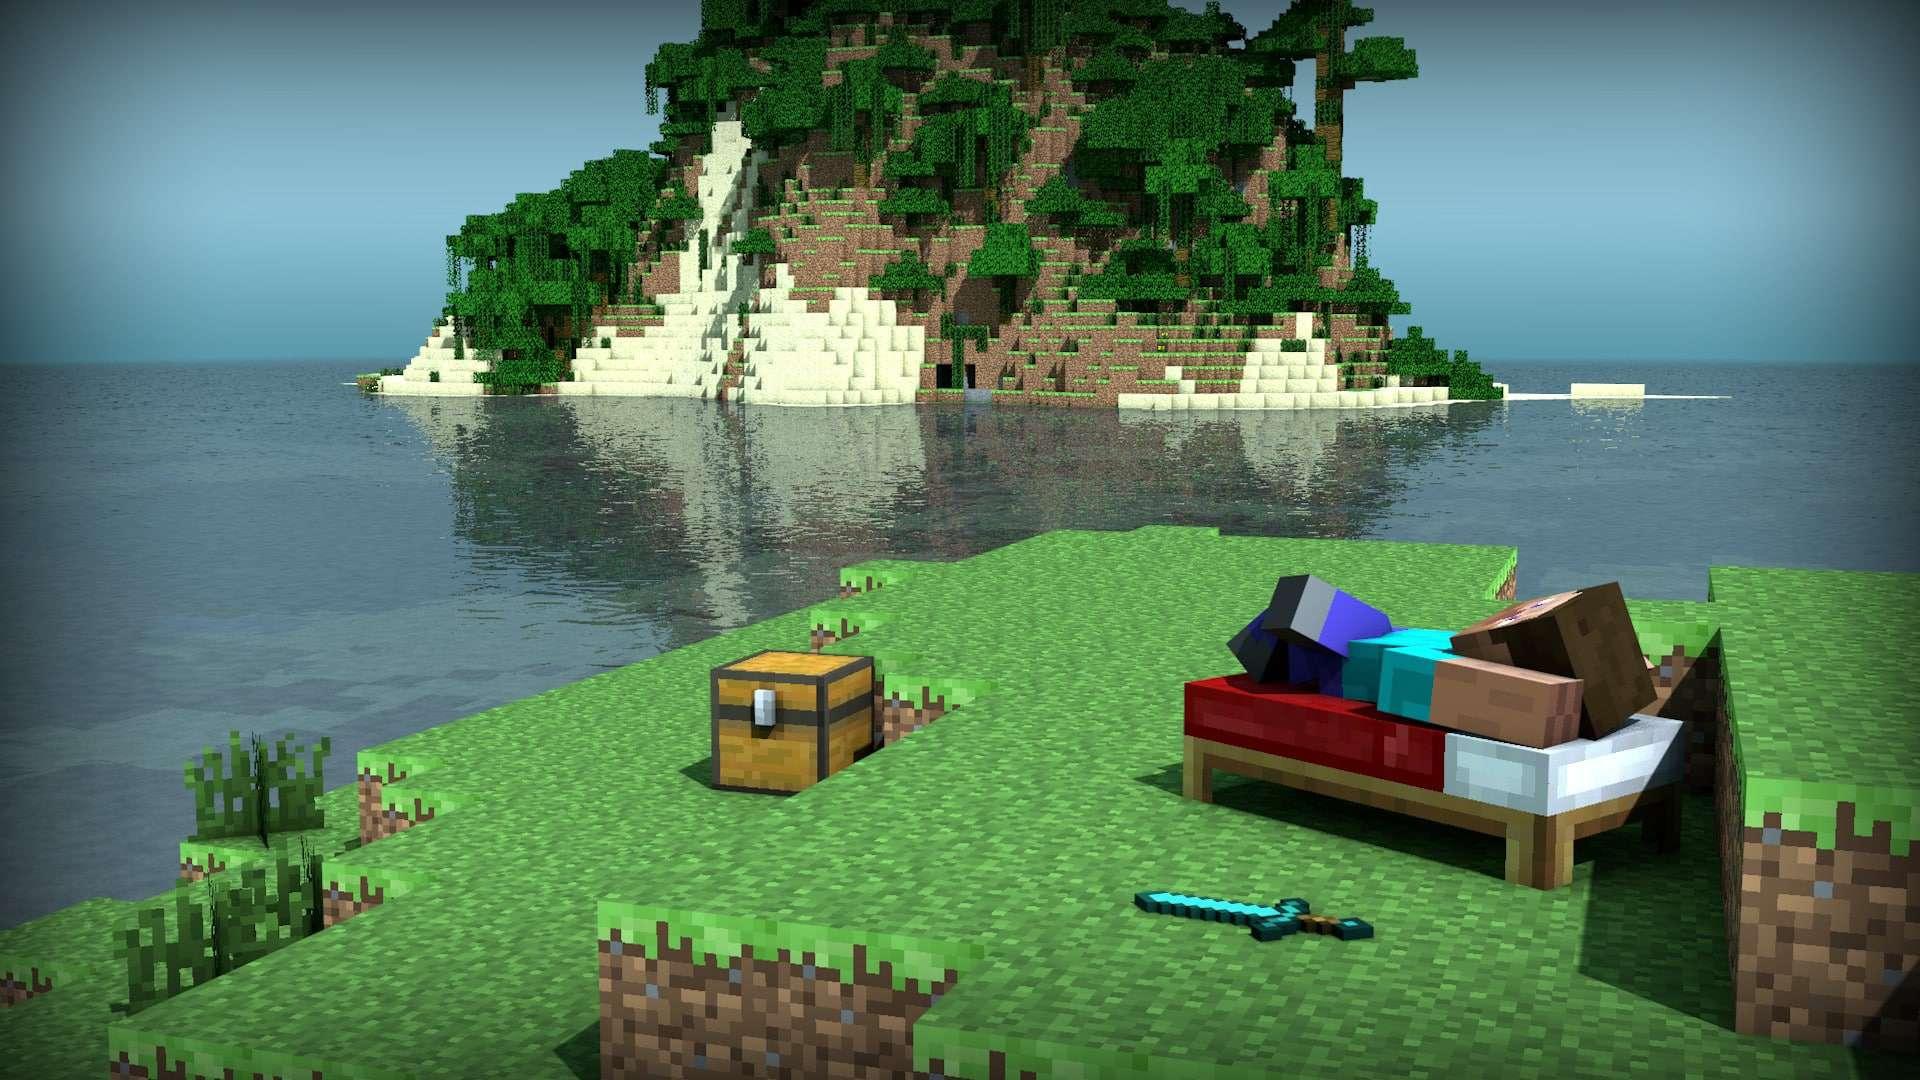 Minecraft steve relaxing on beach wallpaper